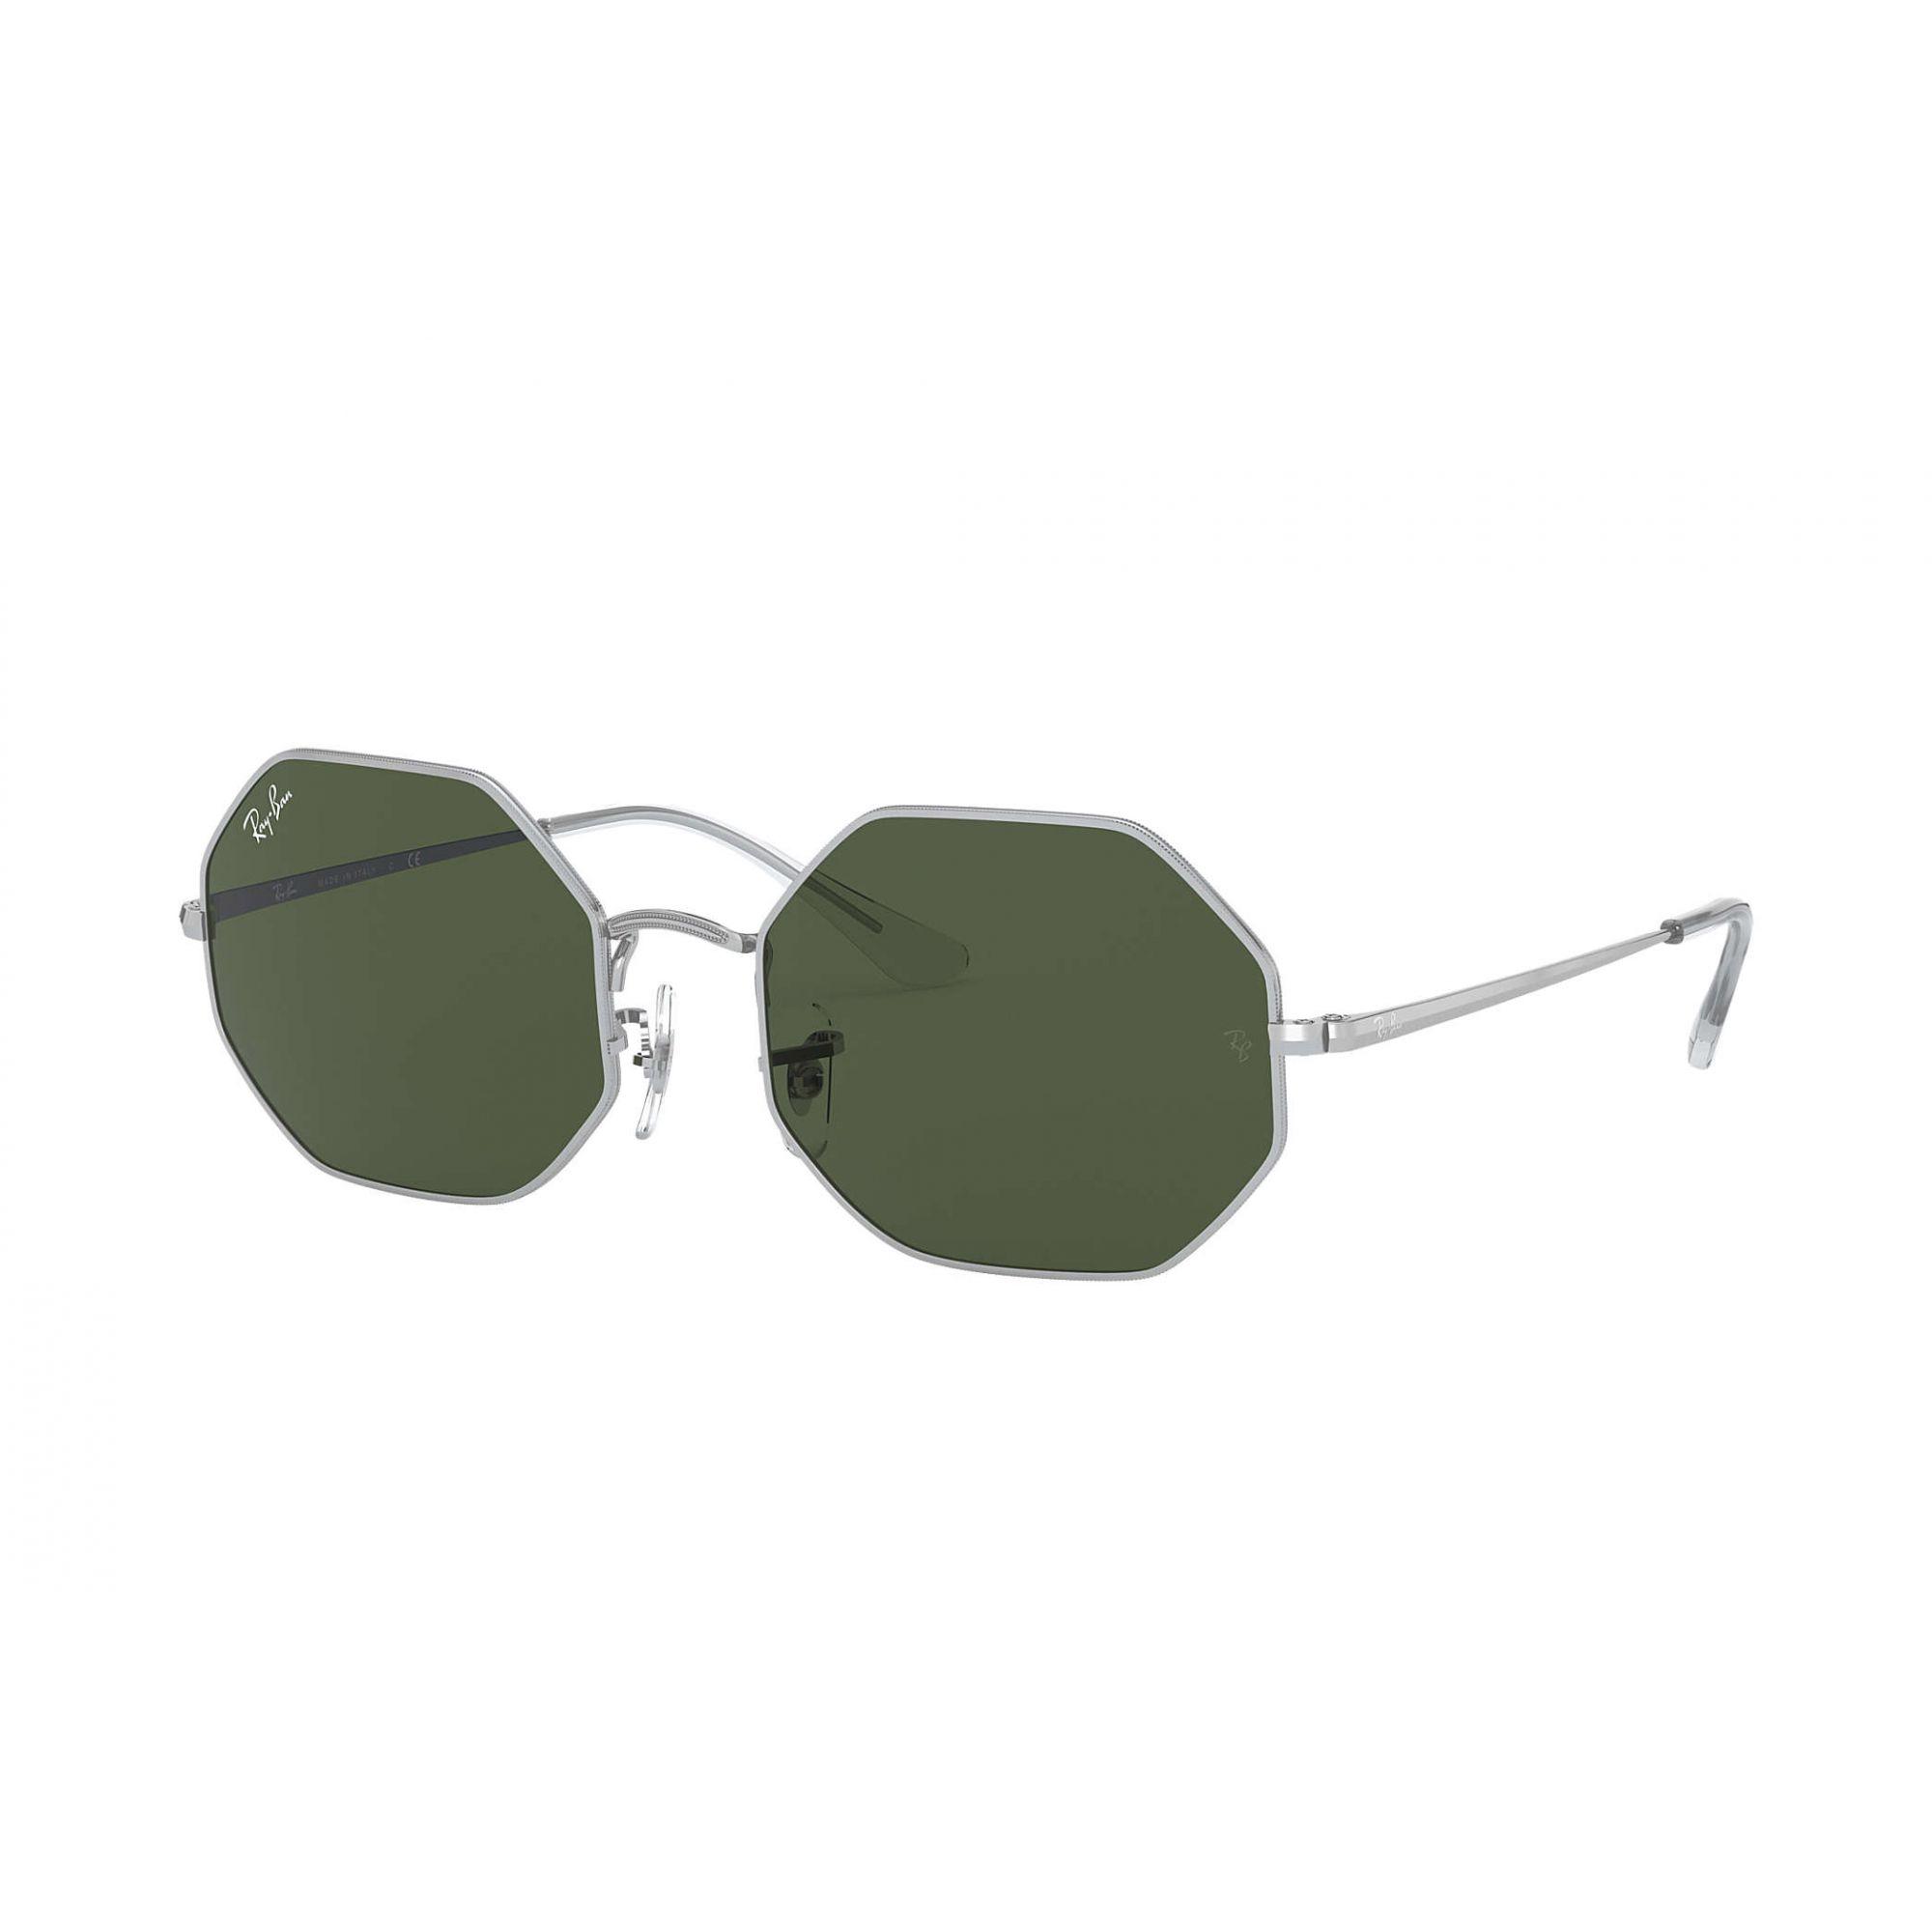 Ray Ban - RB1972 914931 - Óculos de sol